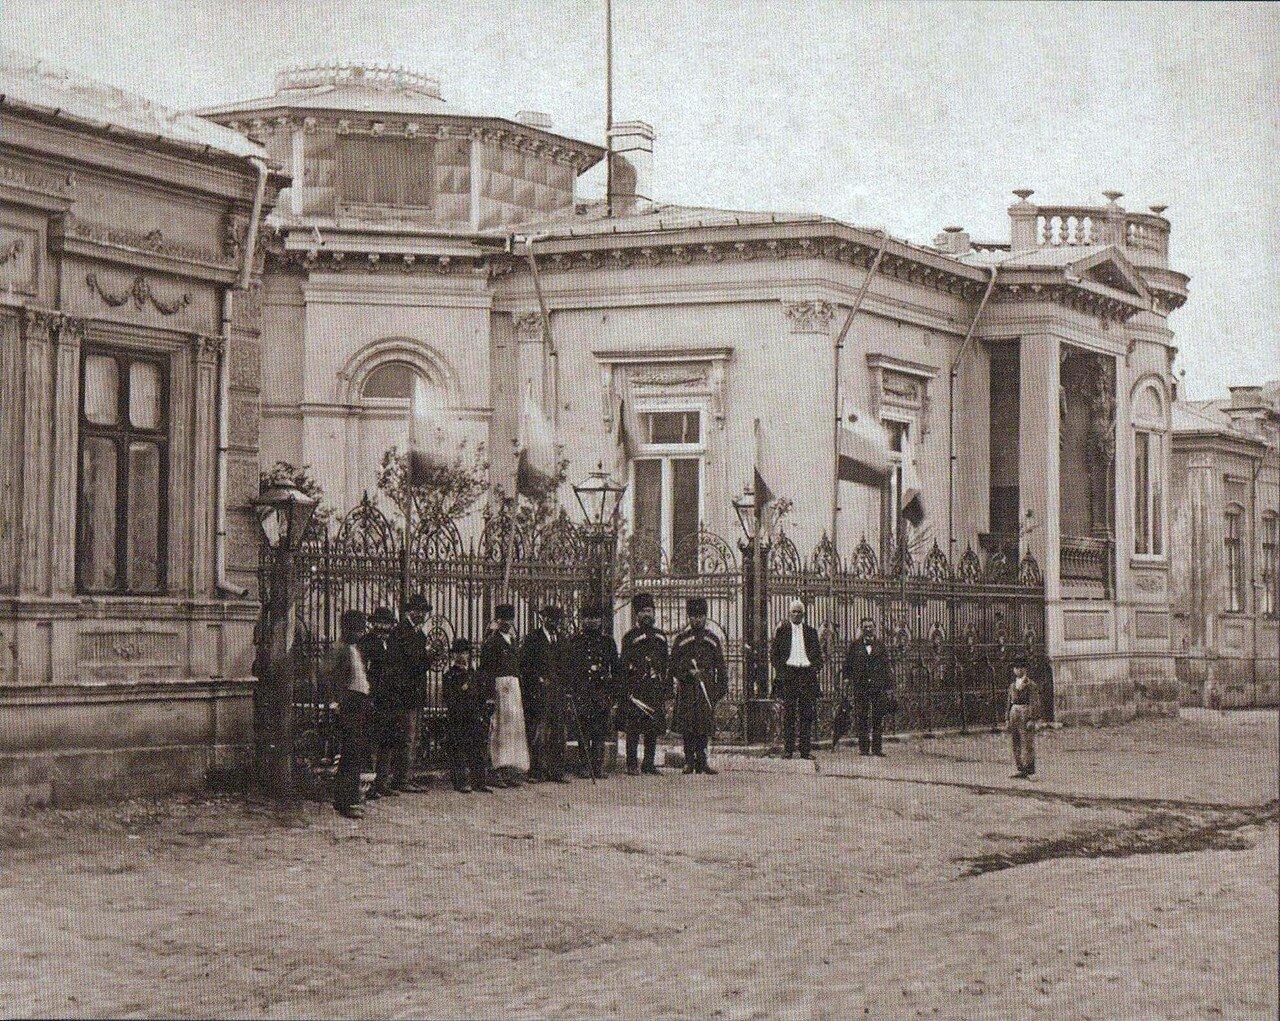 03. Великий князь Николай Николаевич, главнокомандующий Дунайской армией, перед главным штабом в Плоешти, июнь 1877